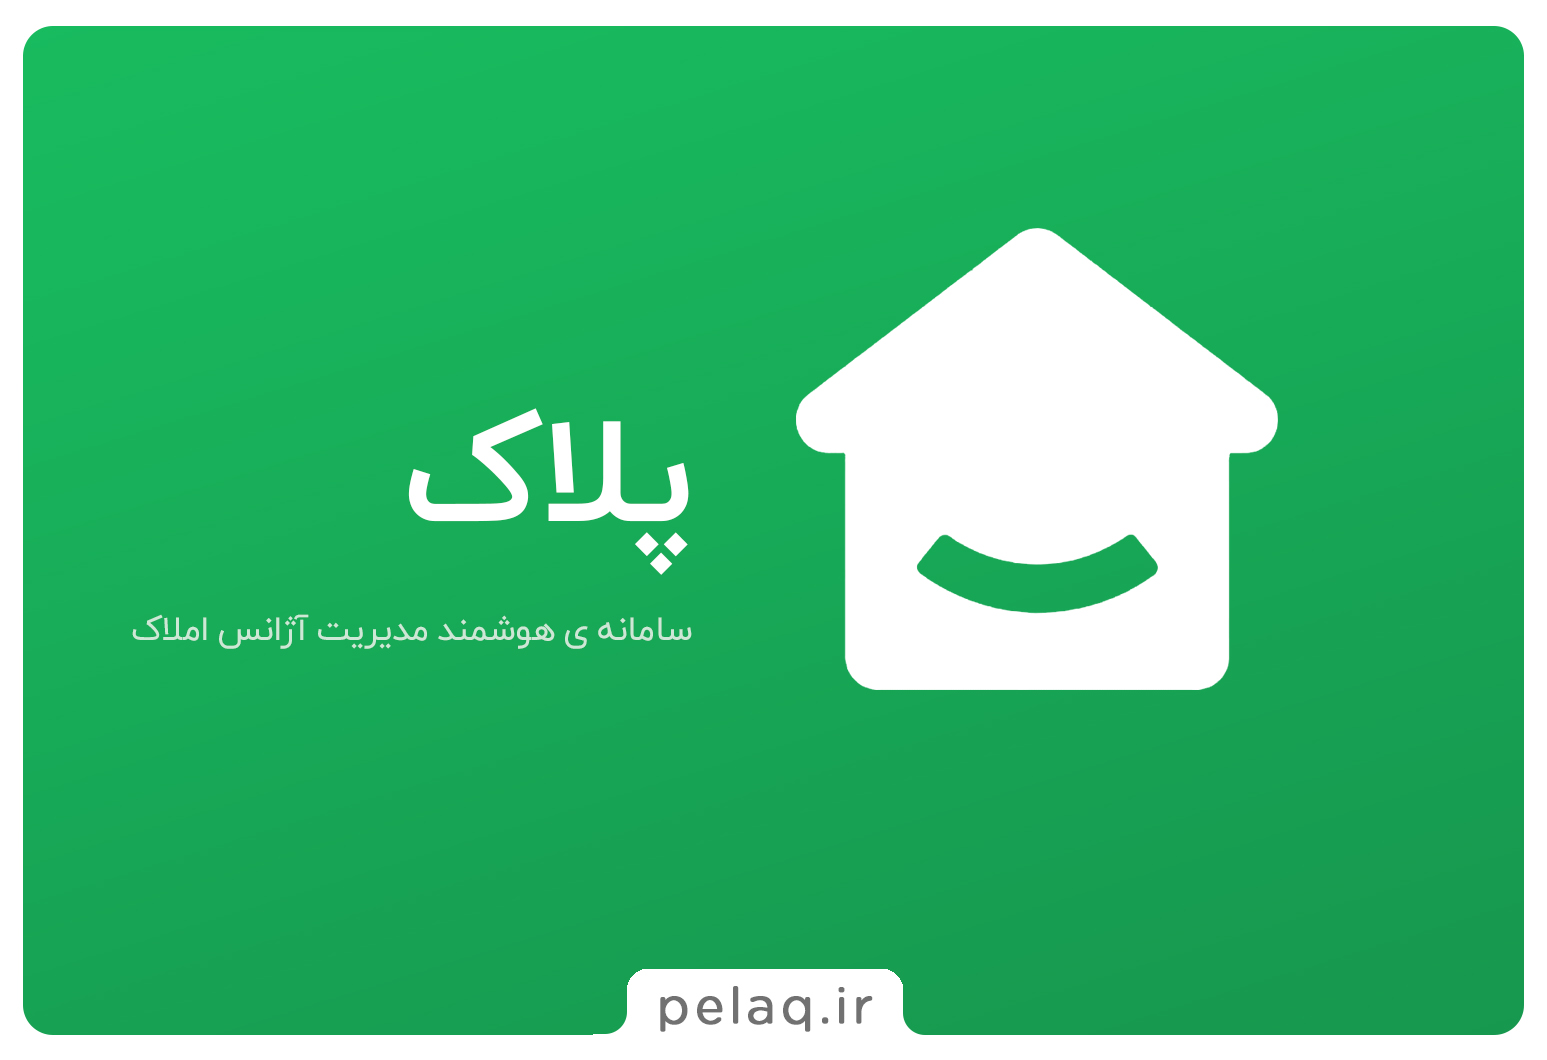 استارتاپ پلاک (pelaq)؛ سامانه ی هوشمند مدیریت آژانس املاک